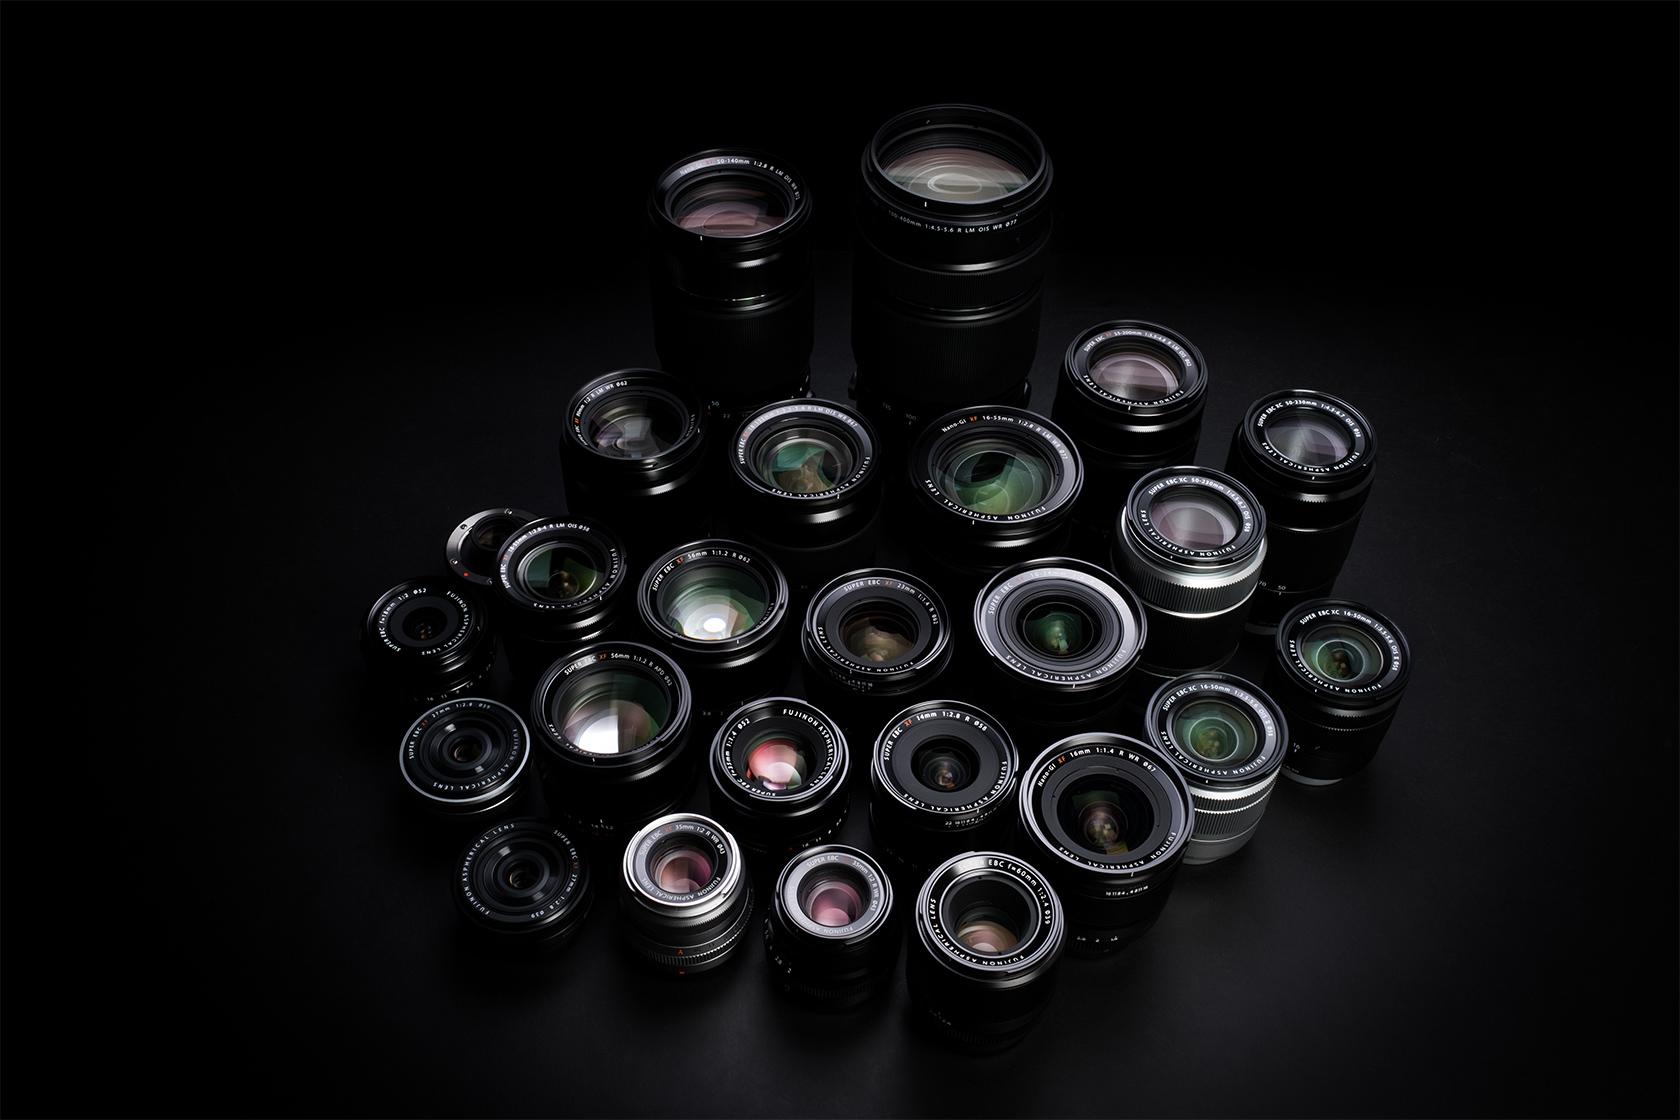 [photo] Assorted Fujifilm X Mount lenses